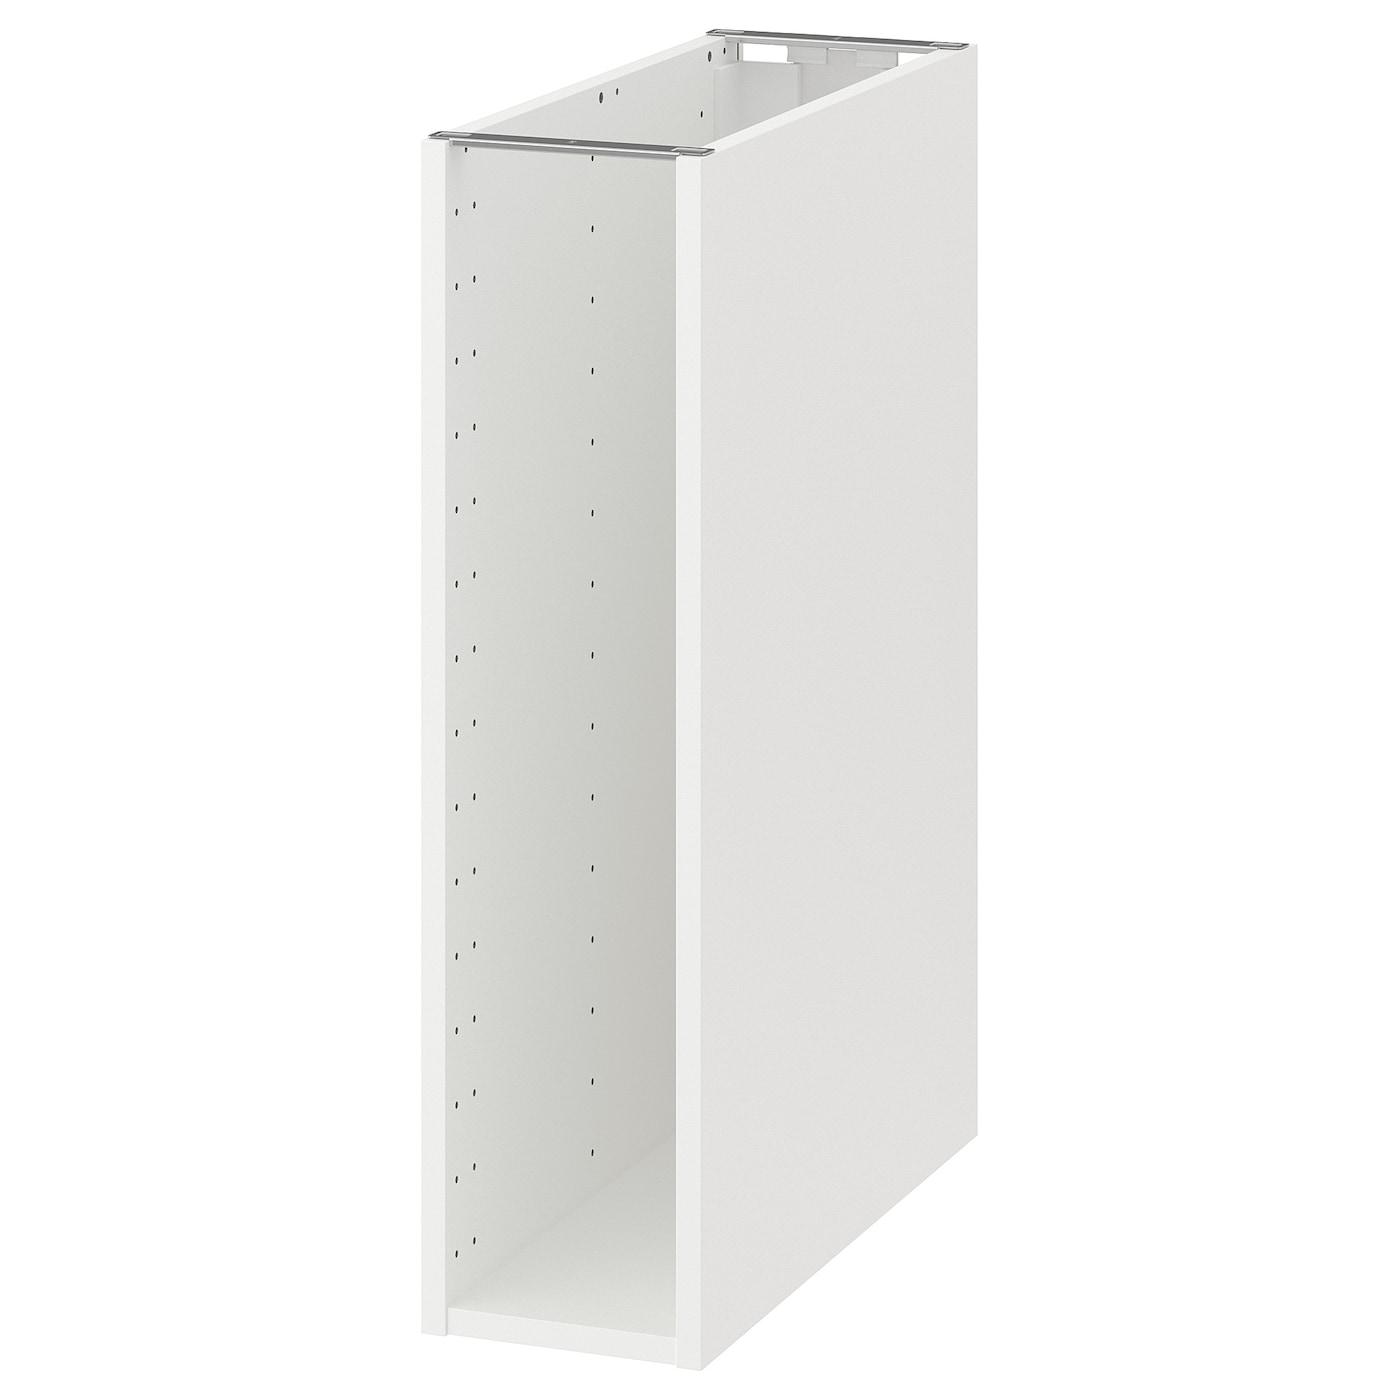 METOD Korpus Unterschrank - weiß 16x16x16 cm